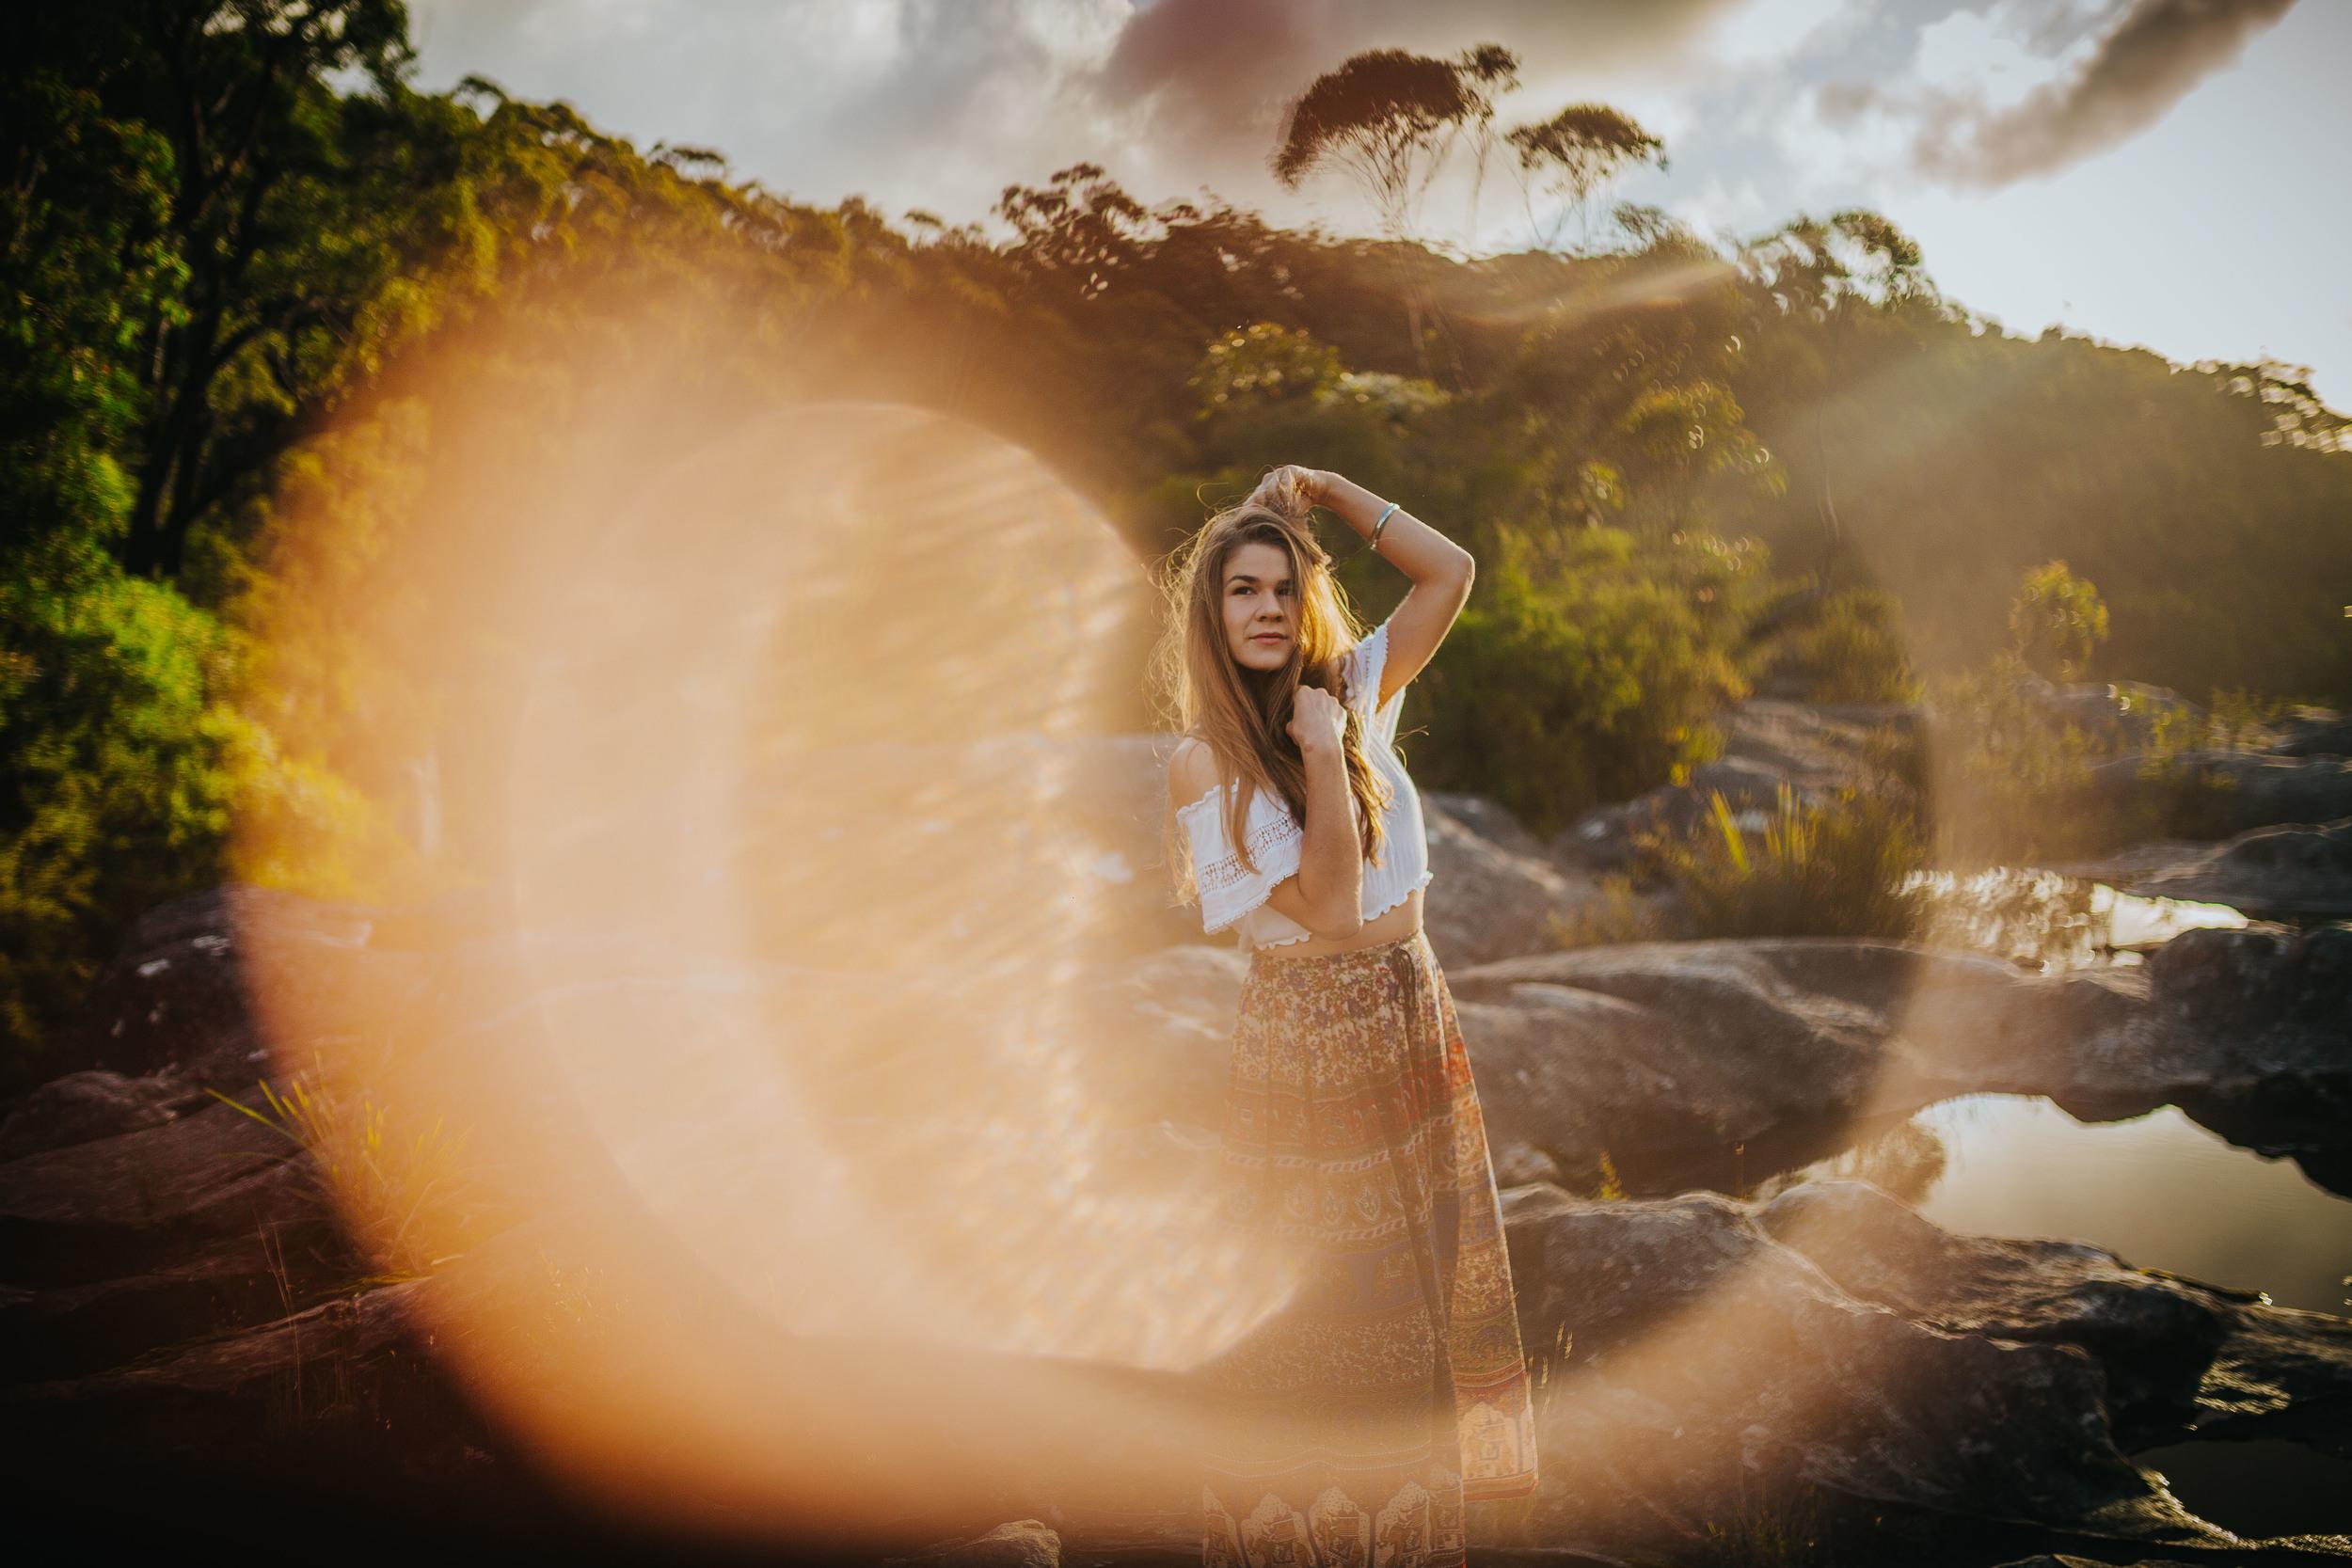 Megan_alanataylorphotographyBLOG-1.jpg